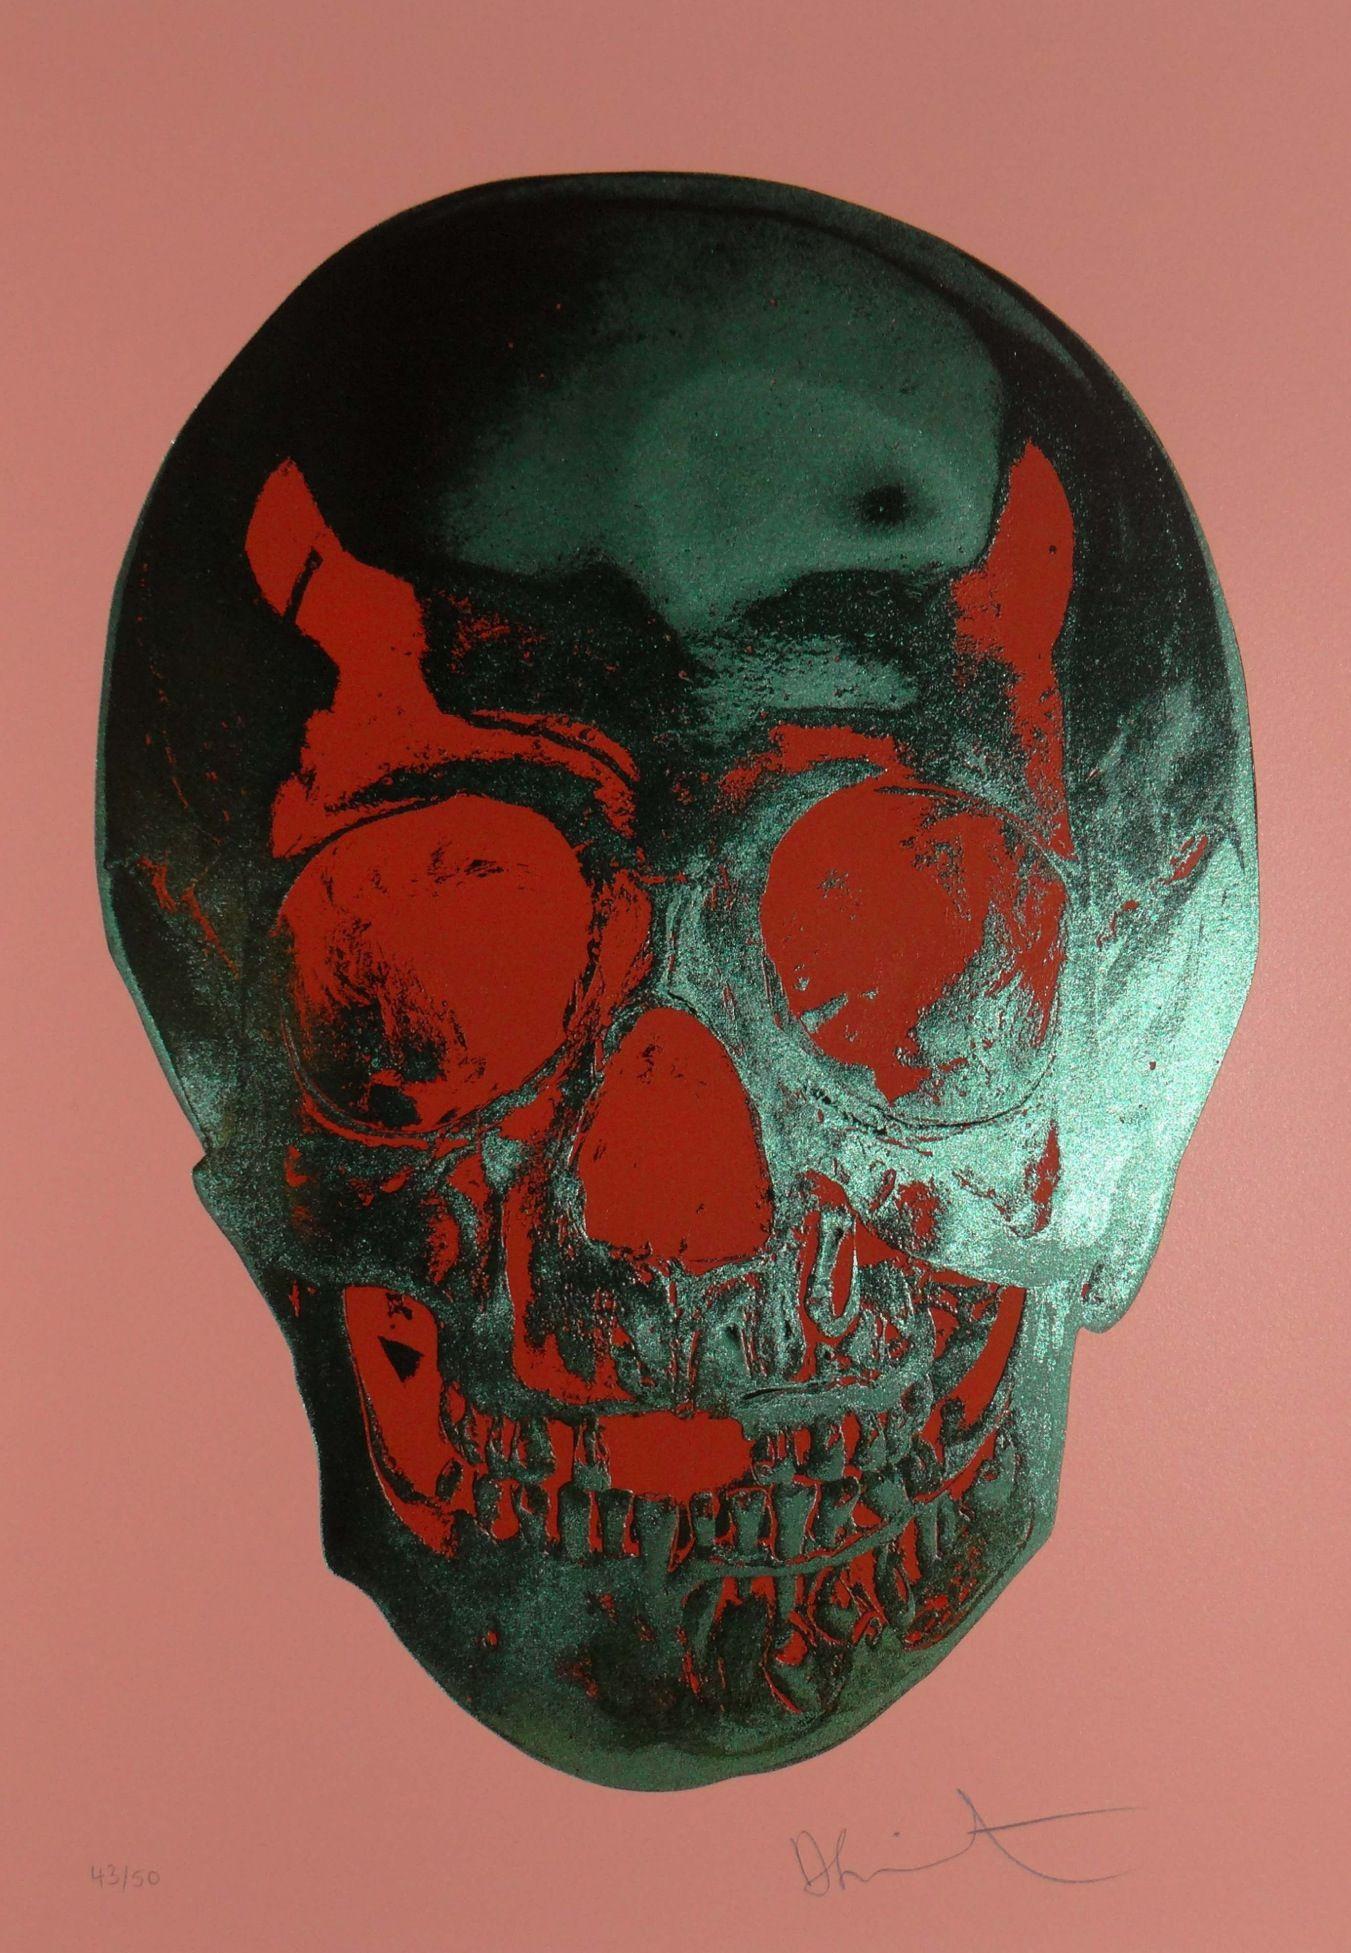 Damien Hirst Skull Painting Skull Painting Art Hirst